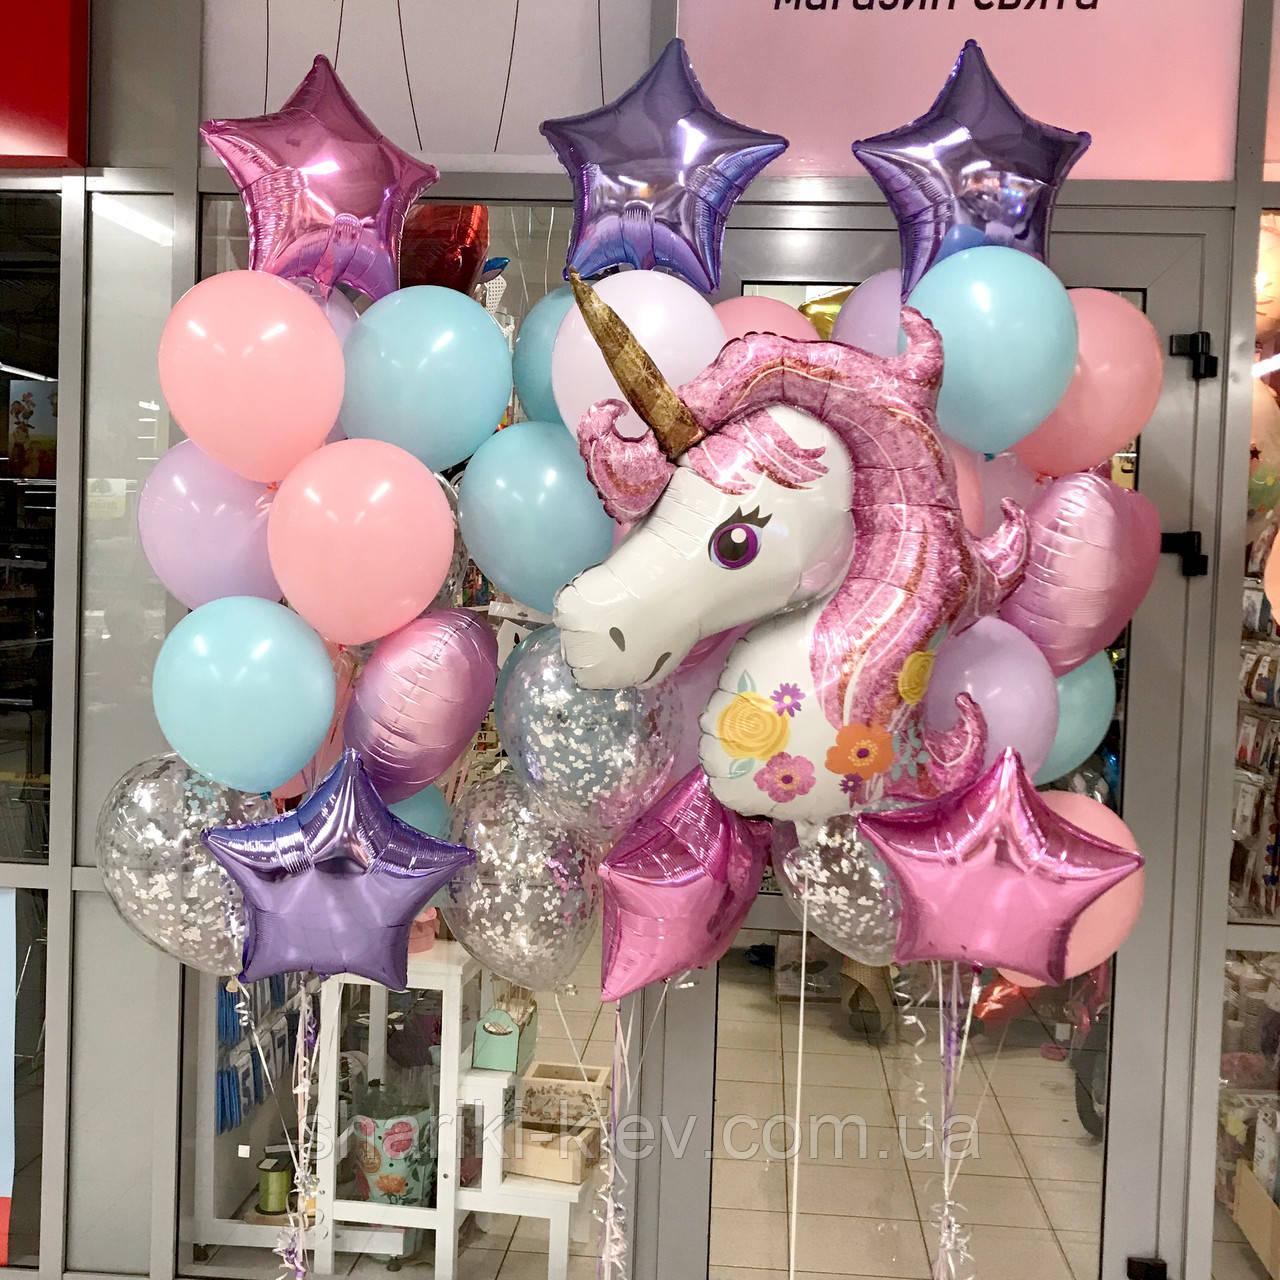 Оформление шарами для девочки в розово-фиолетовом цвете с шаром Единорог